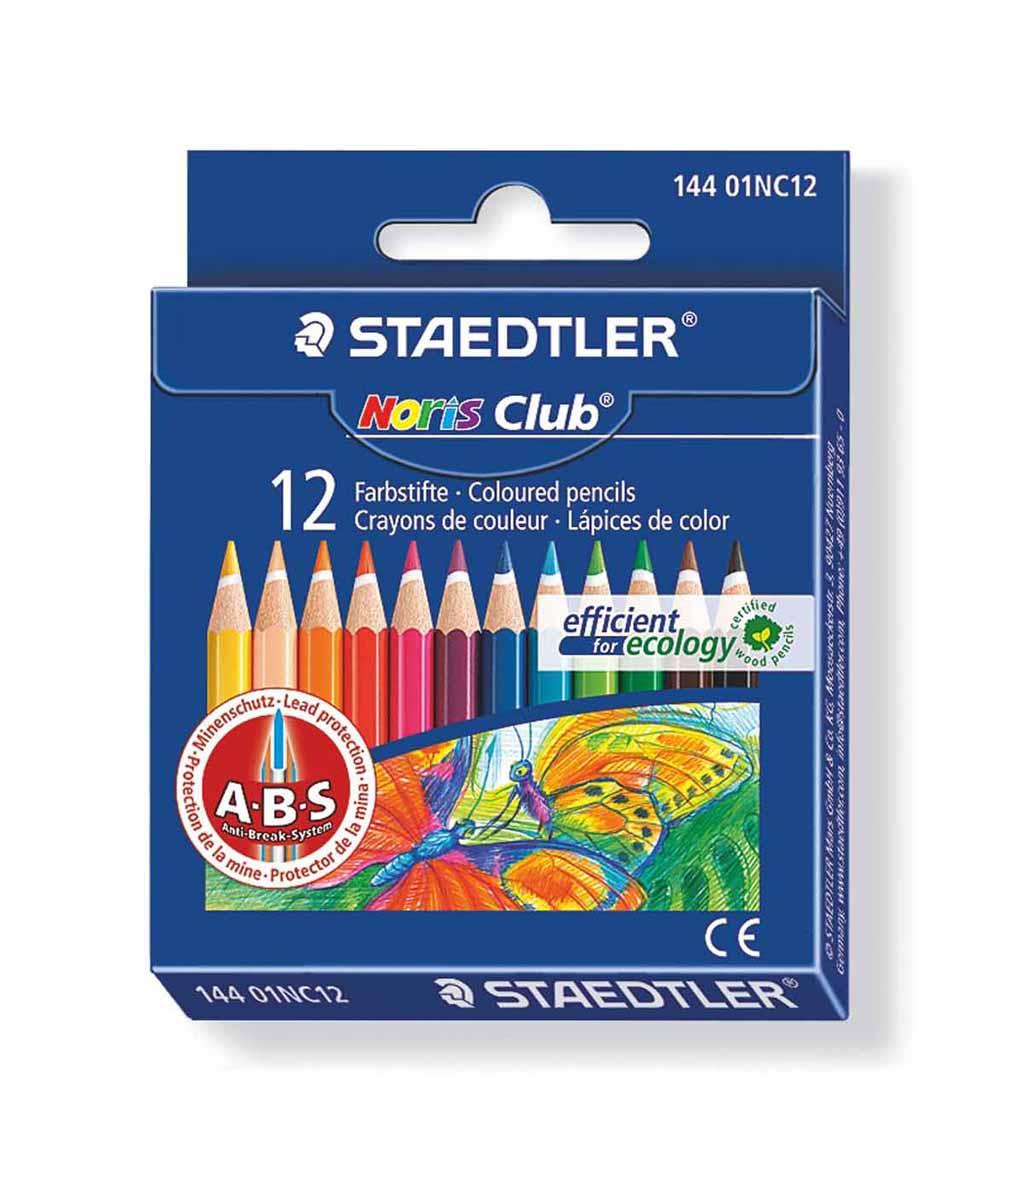 Staedtler Набор цветных карандашей Noris Club 144 12 цветов staedtler staedtler цветные карандаши noris club утолщенные 10 цветов